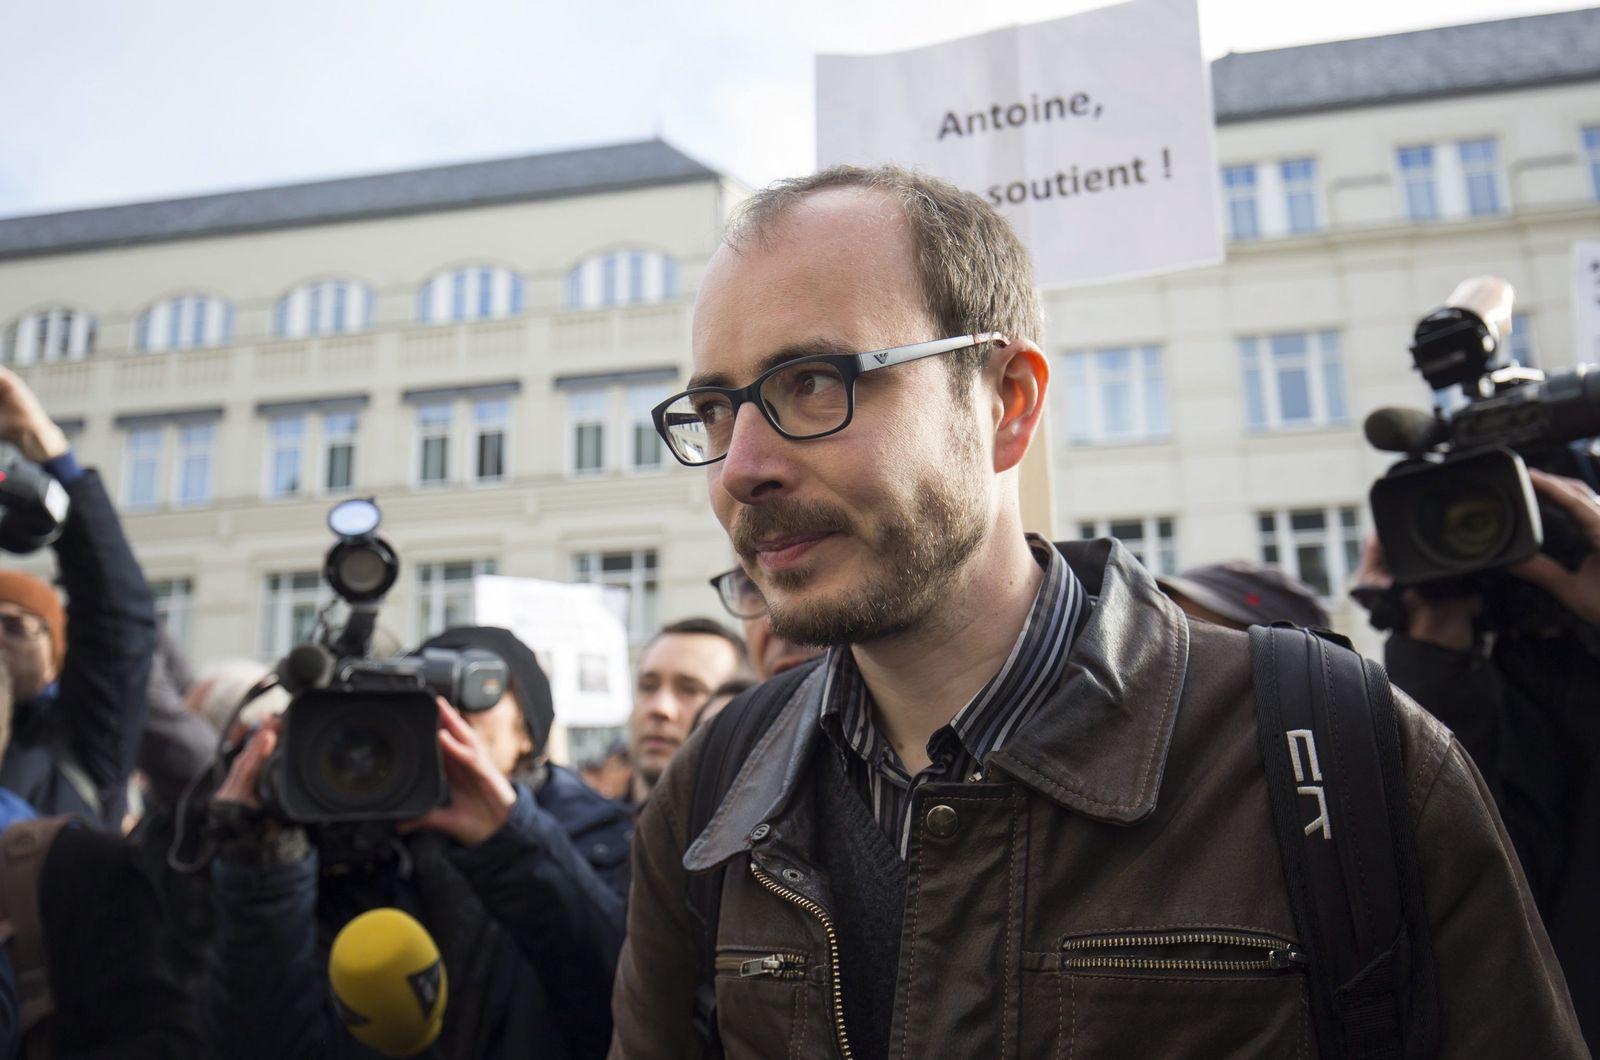 LuxLeaks whistleblower trial in Luxembourg